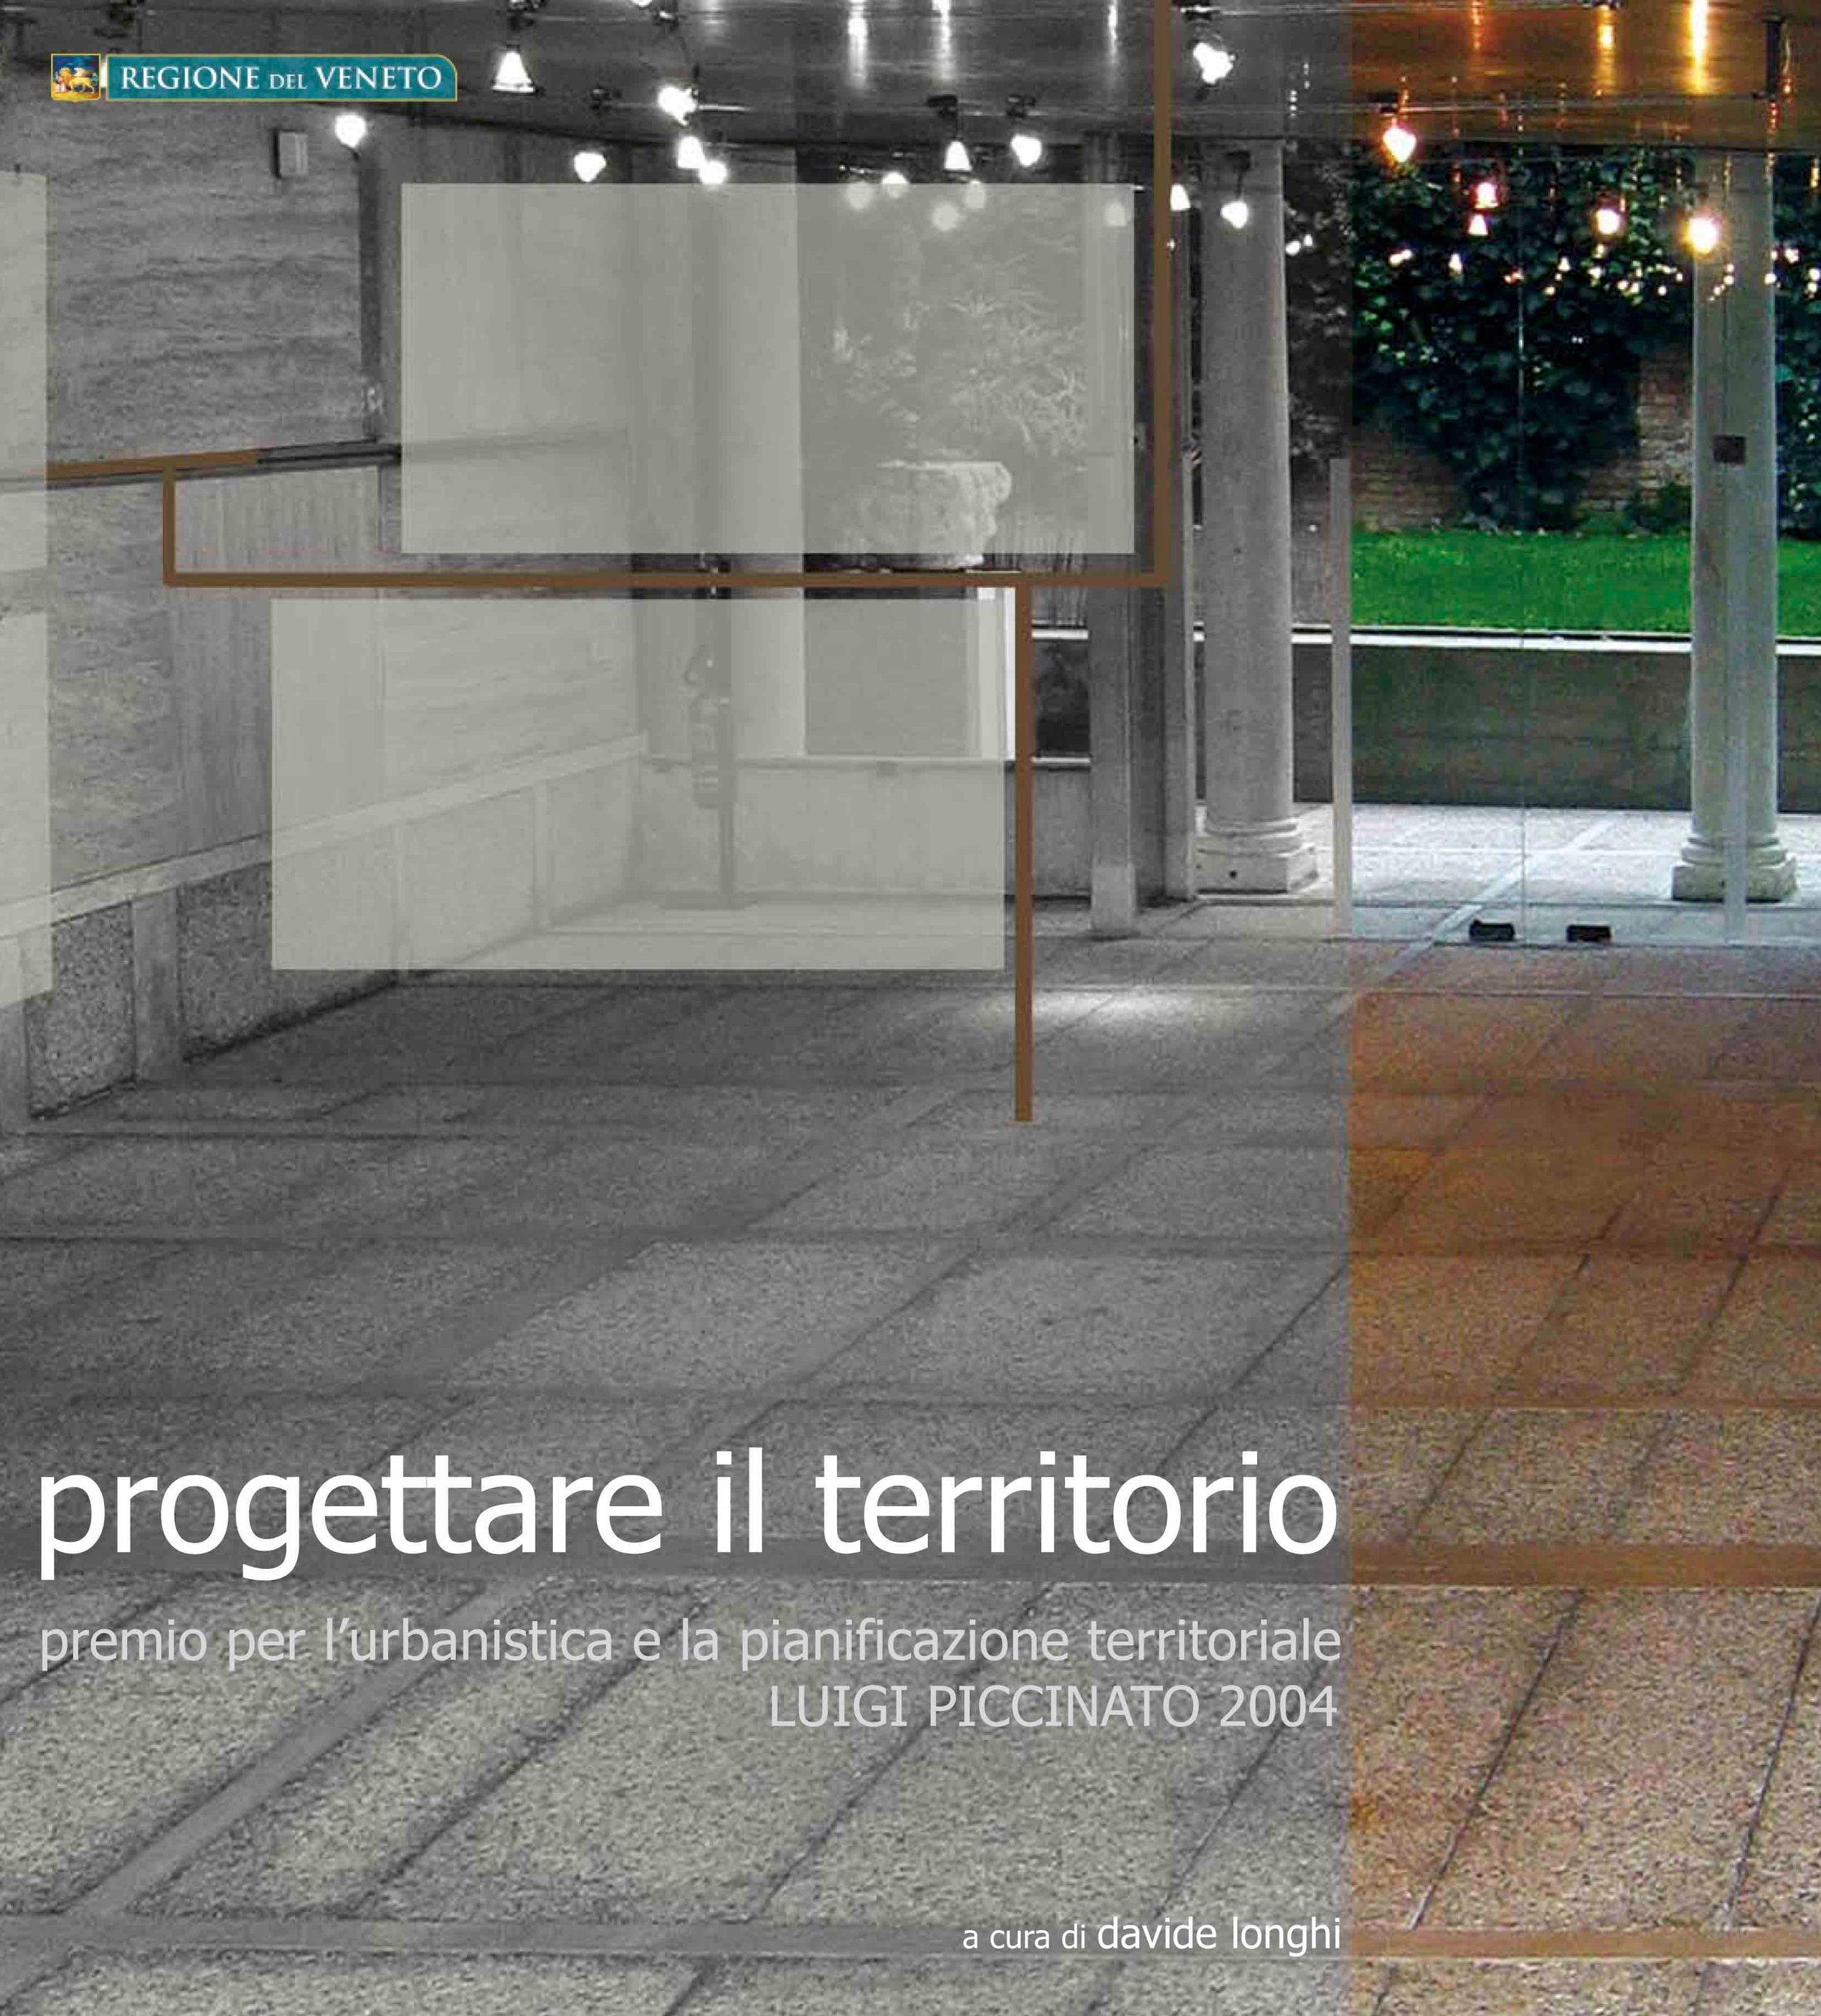 D. Longhi (a cura di), Progettare il territorio, Premio per l'urbanistica e la pianificazione territoriale Luigi Piccinato 2004, Venezia, 2005